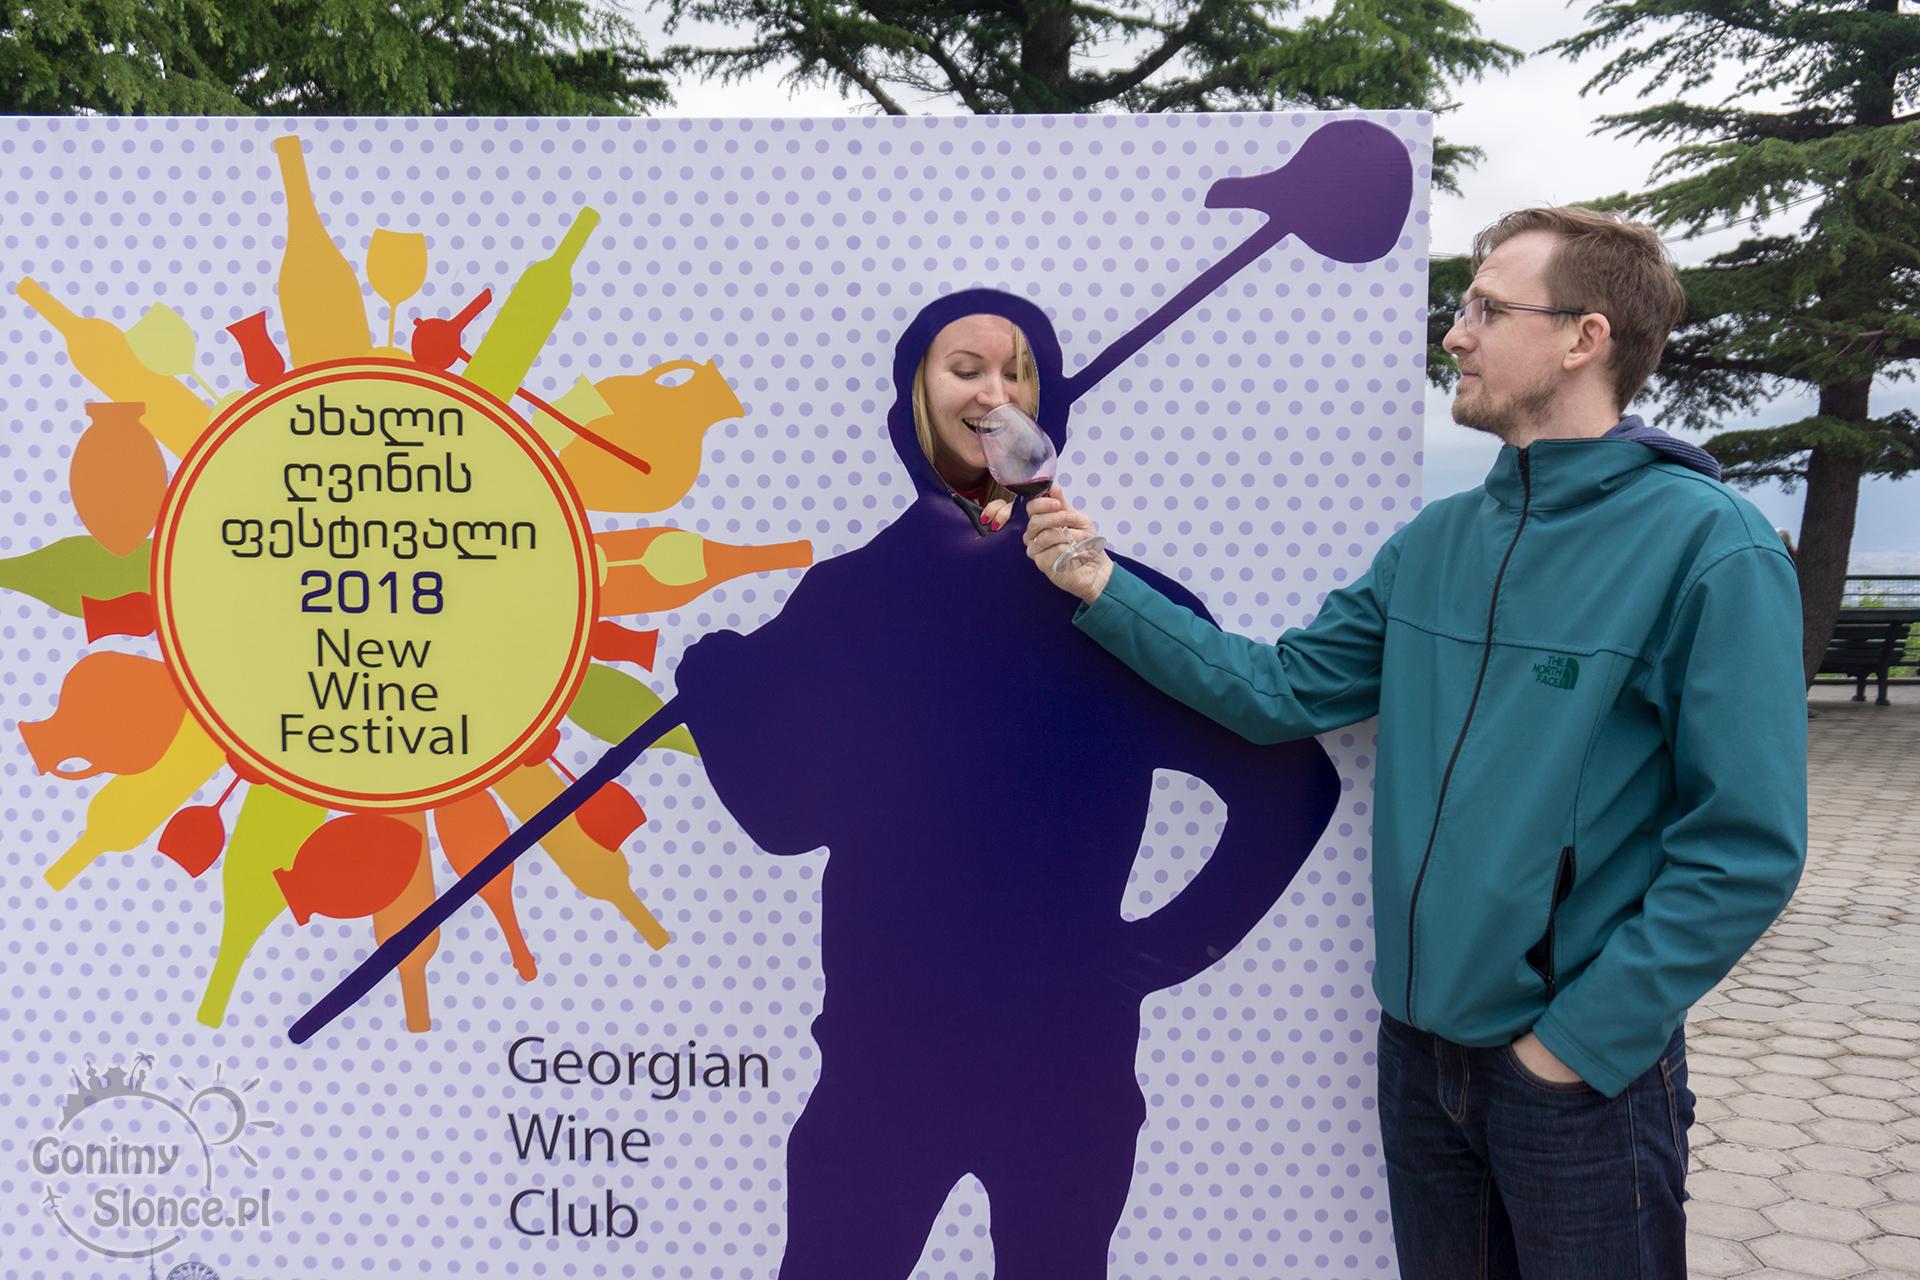 Festiwal Młodego Wina w Tbilisi 2018 - Gonimy Słońce w Gruzji!